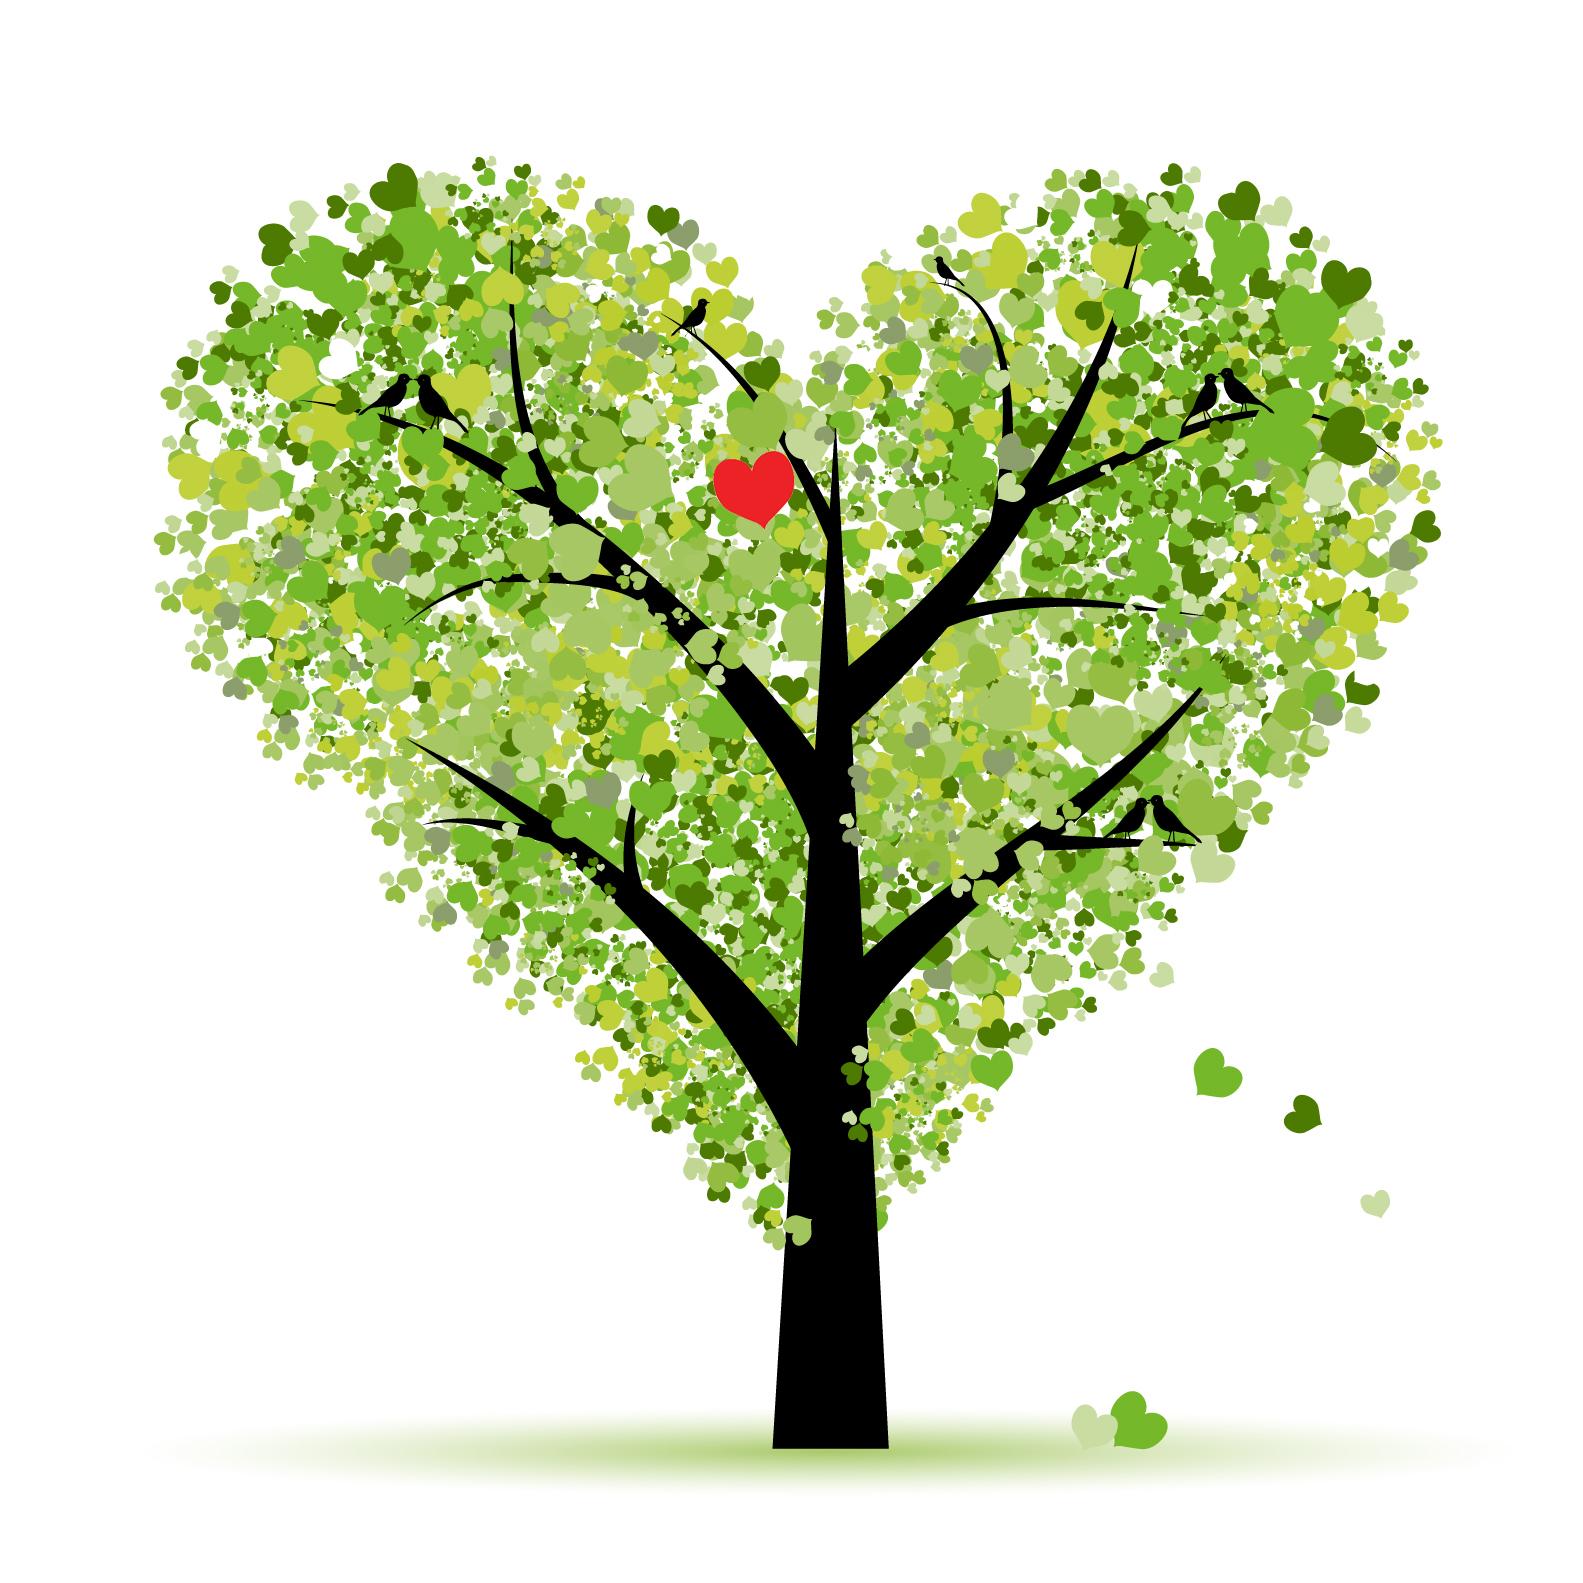 Swirly Heart Tree Clip Art For Pinterest